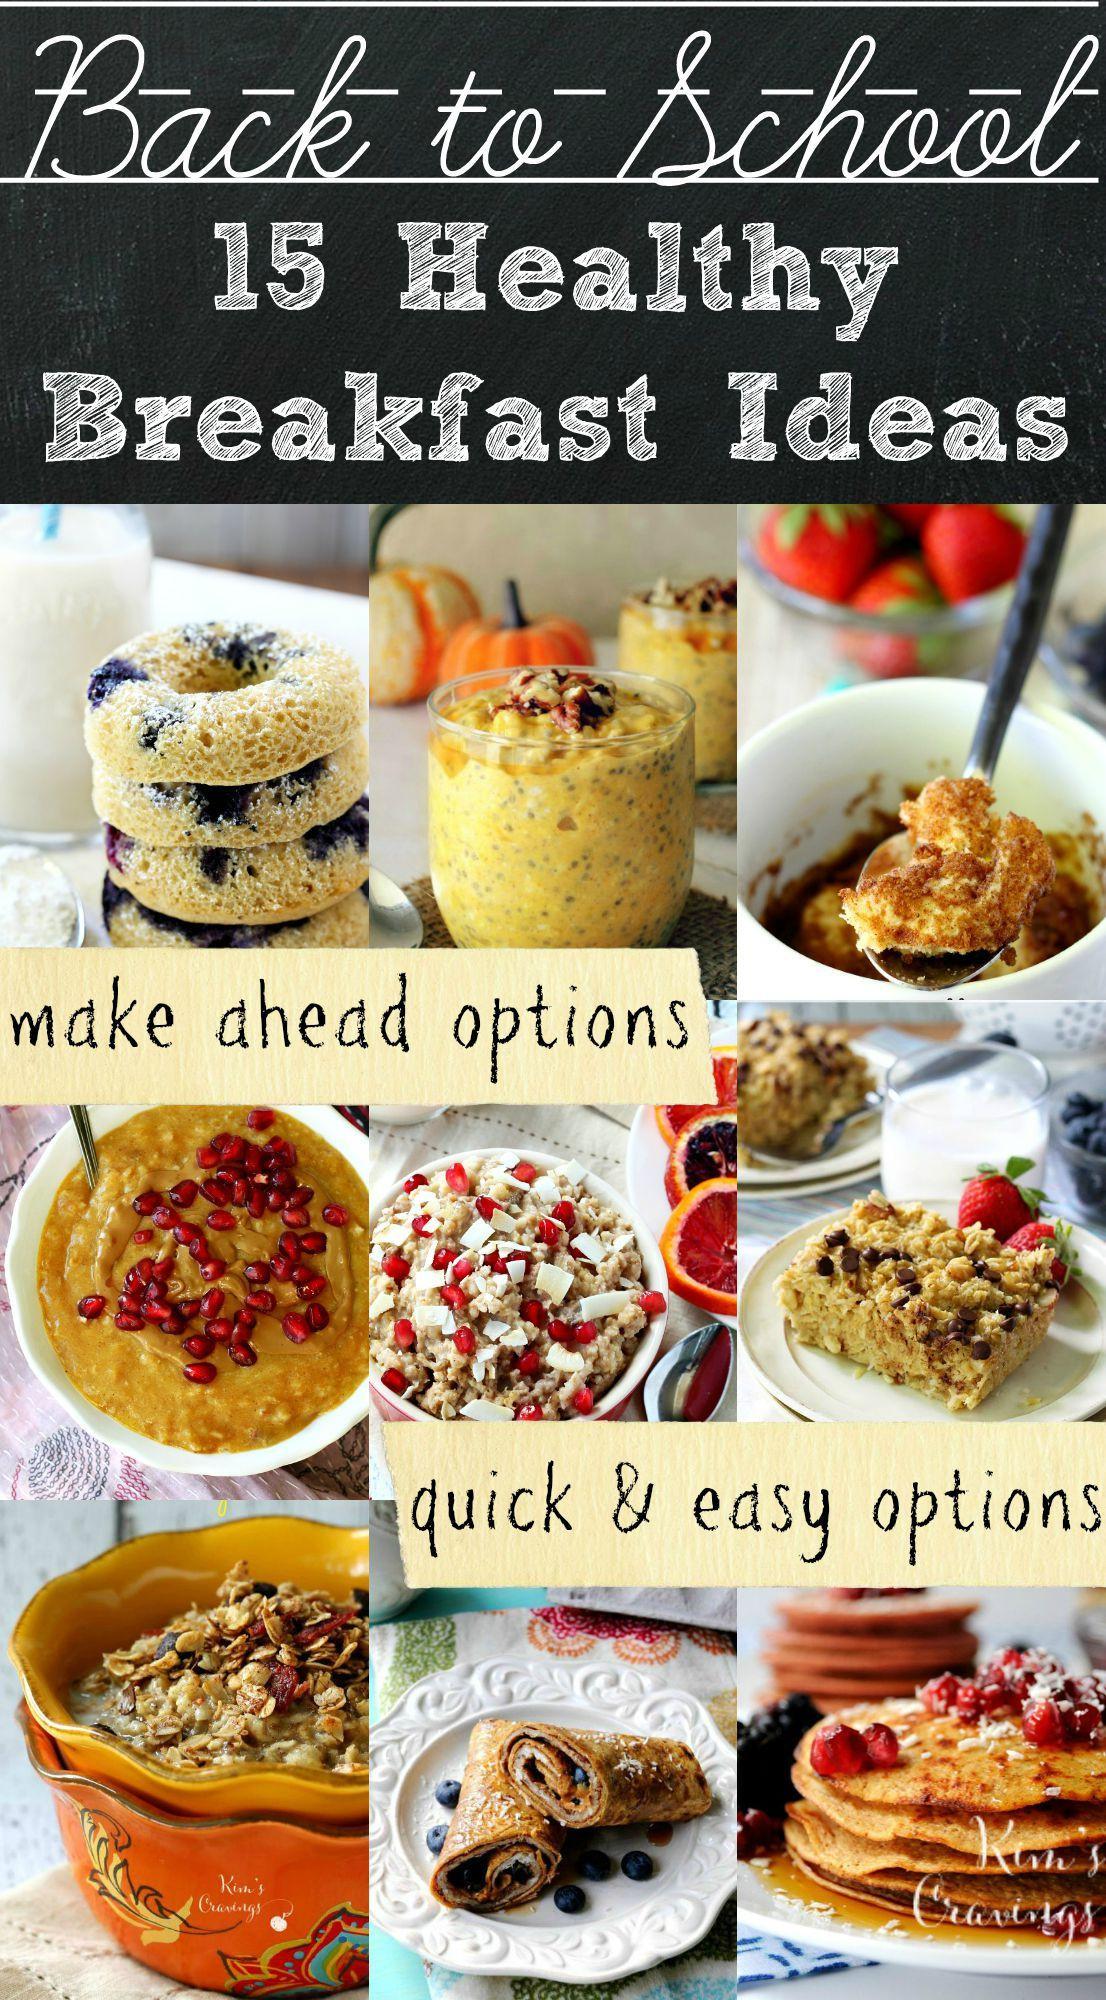 Best Breakfast For Kids Healthy Back to School Breakfast Ideas